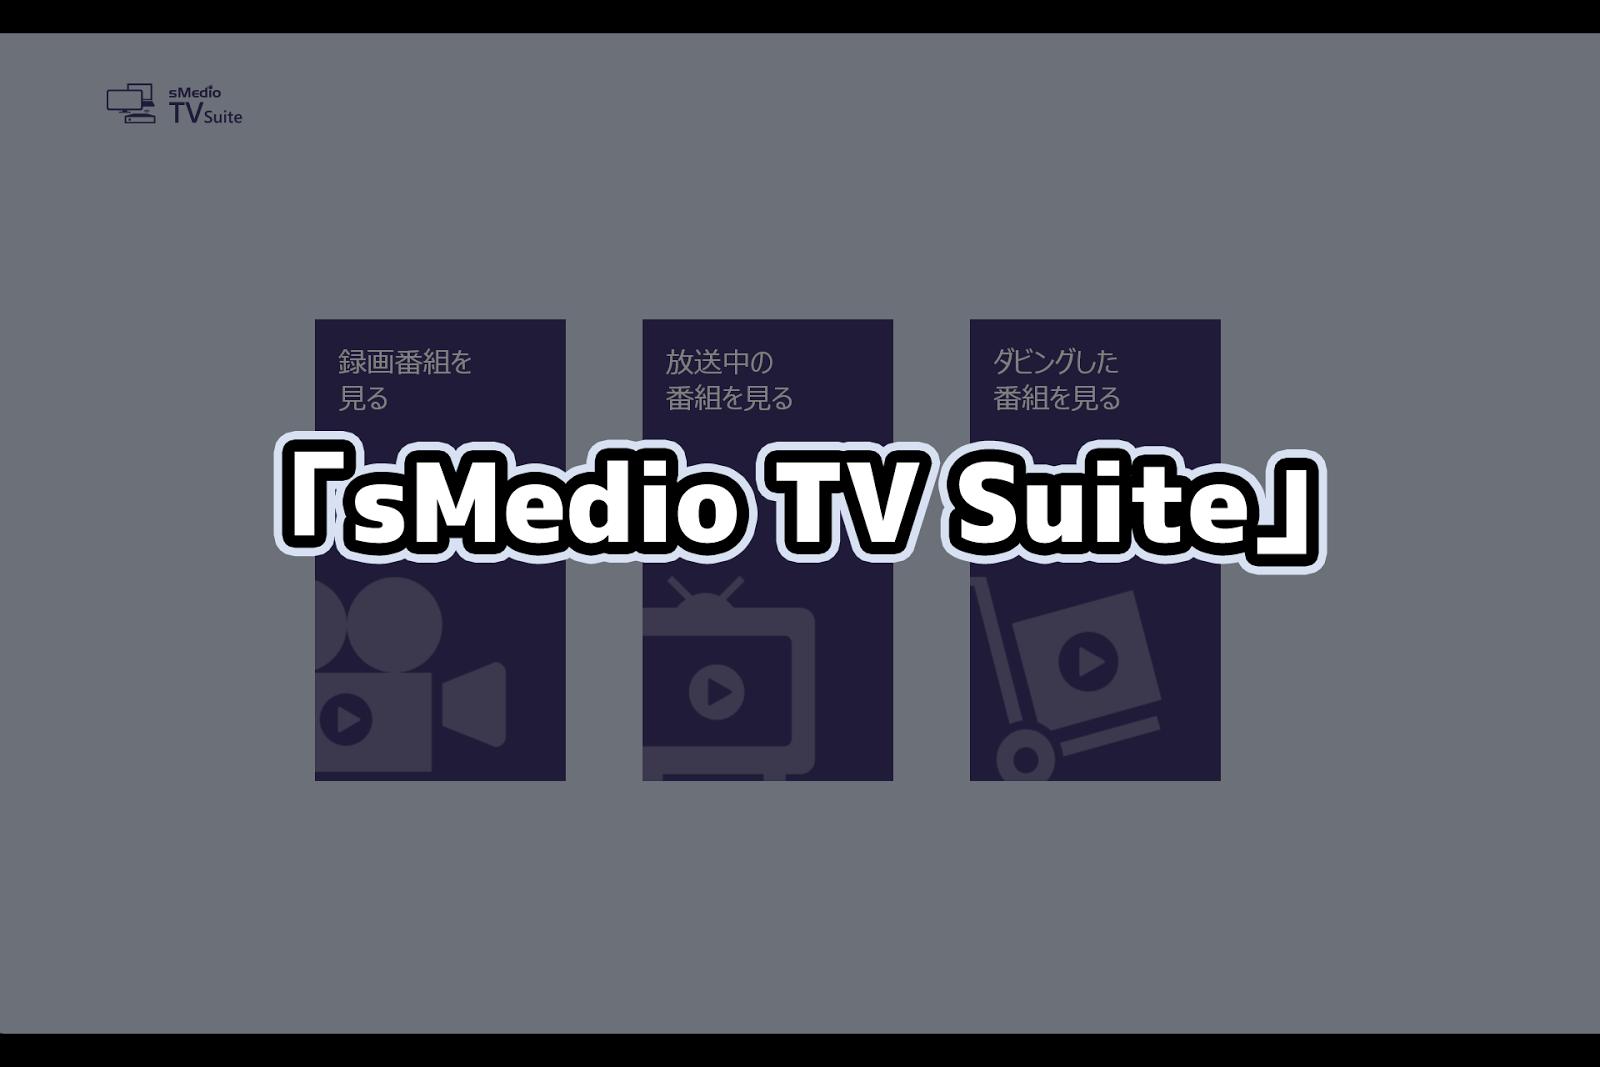 sMedio TV Suite